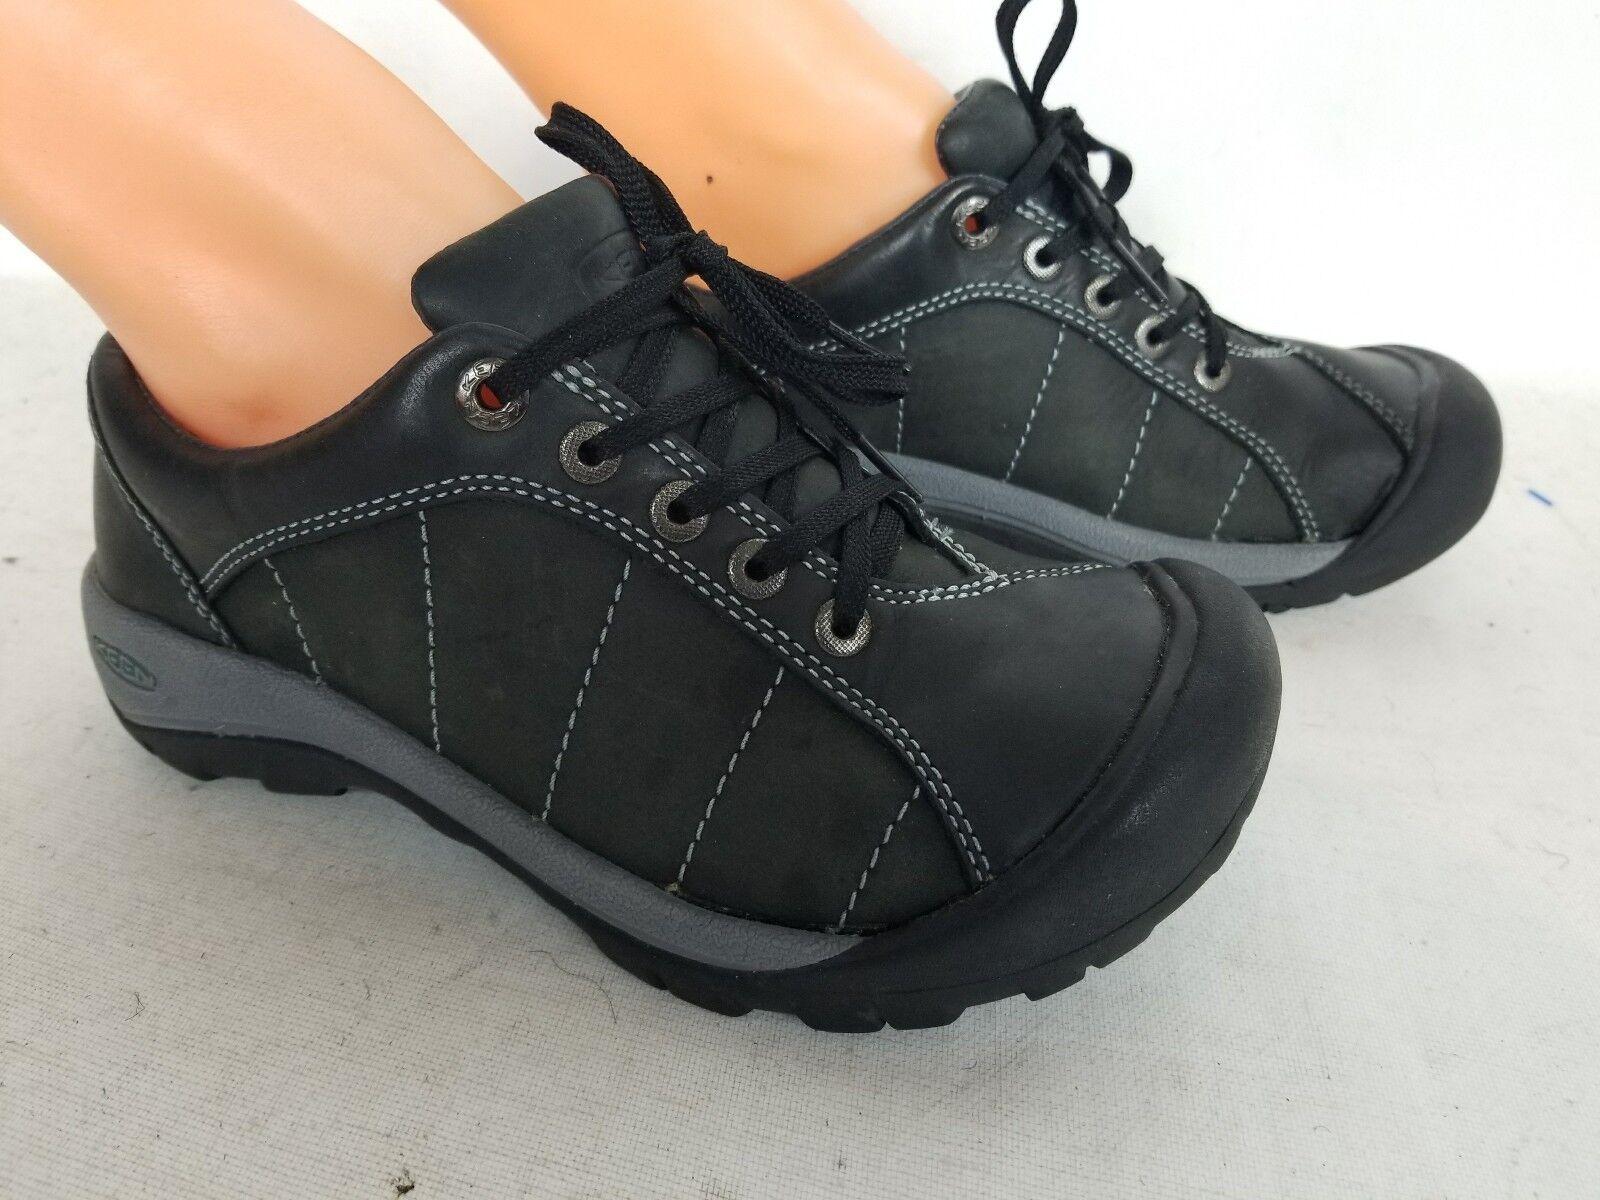 5518fd2216a Keen Hiking Black Leather Sports Size 5.5 Women's ntgwgc3140-Women's ...